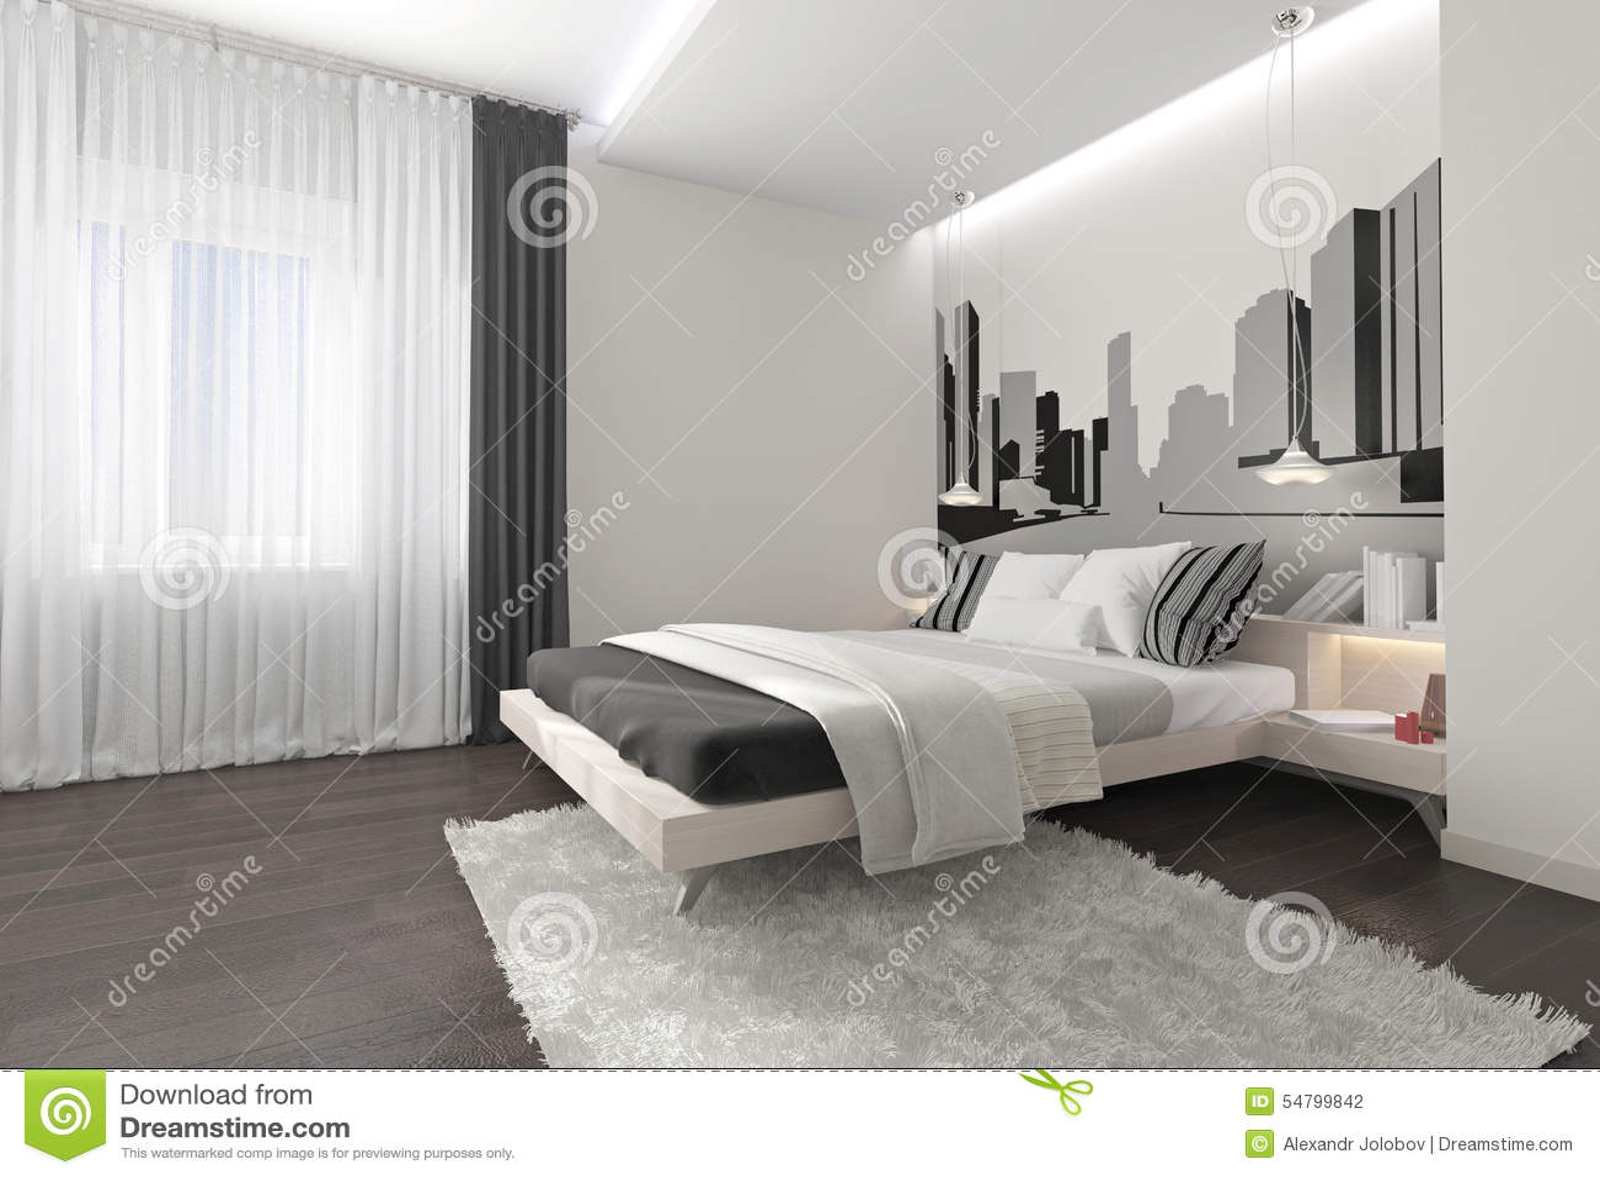 Bed Gordijn 9 : Modern slaapkamerbinnenland met donkere gordijnen stock foto